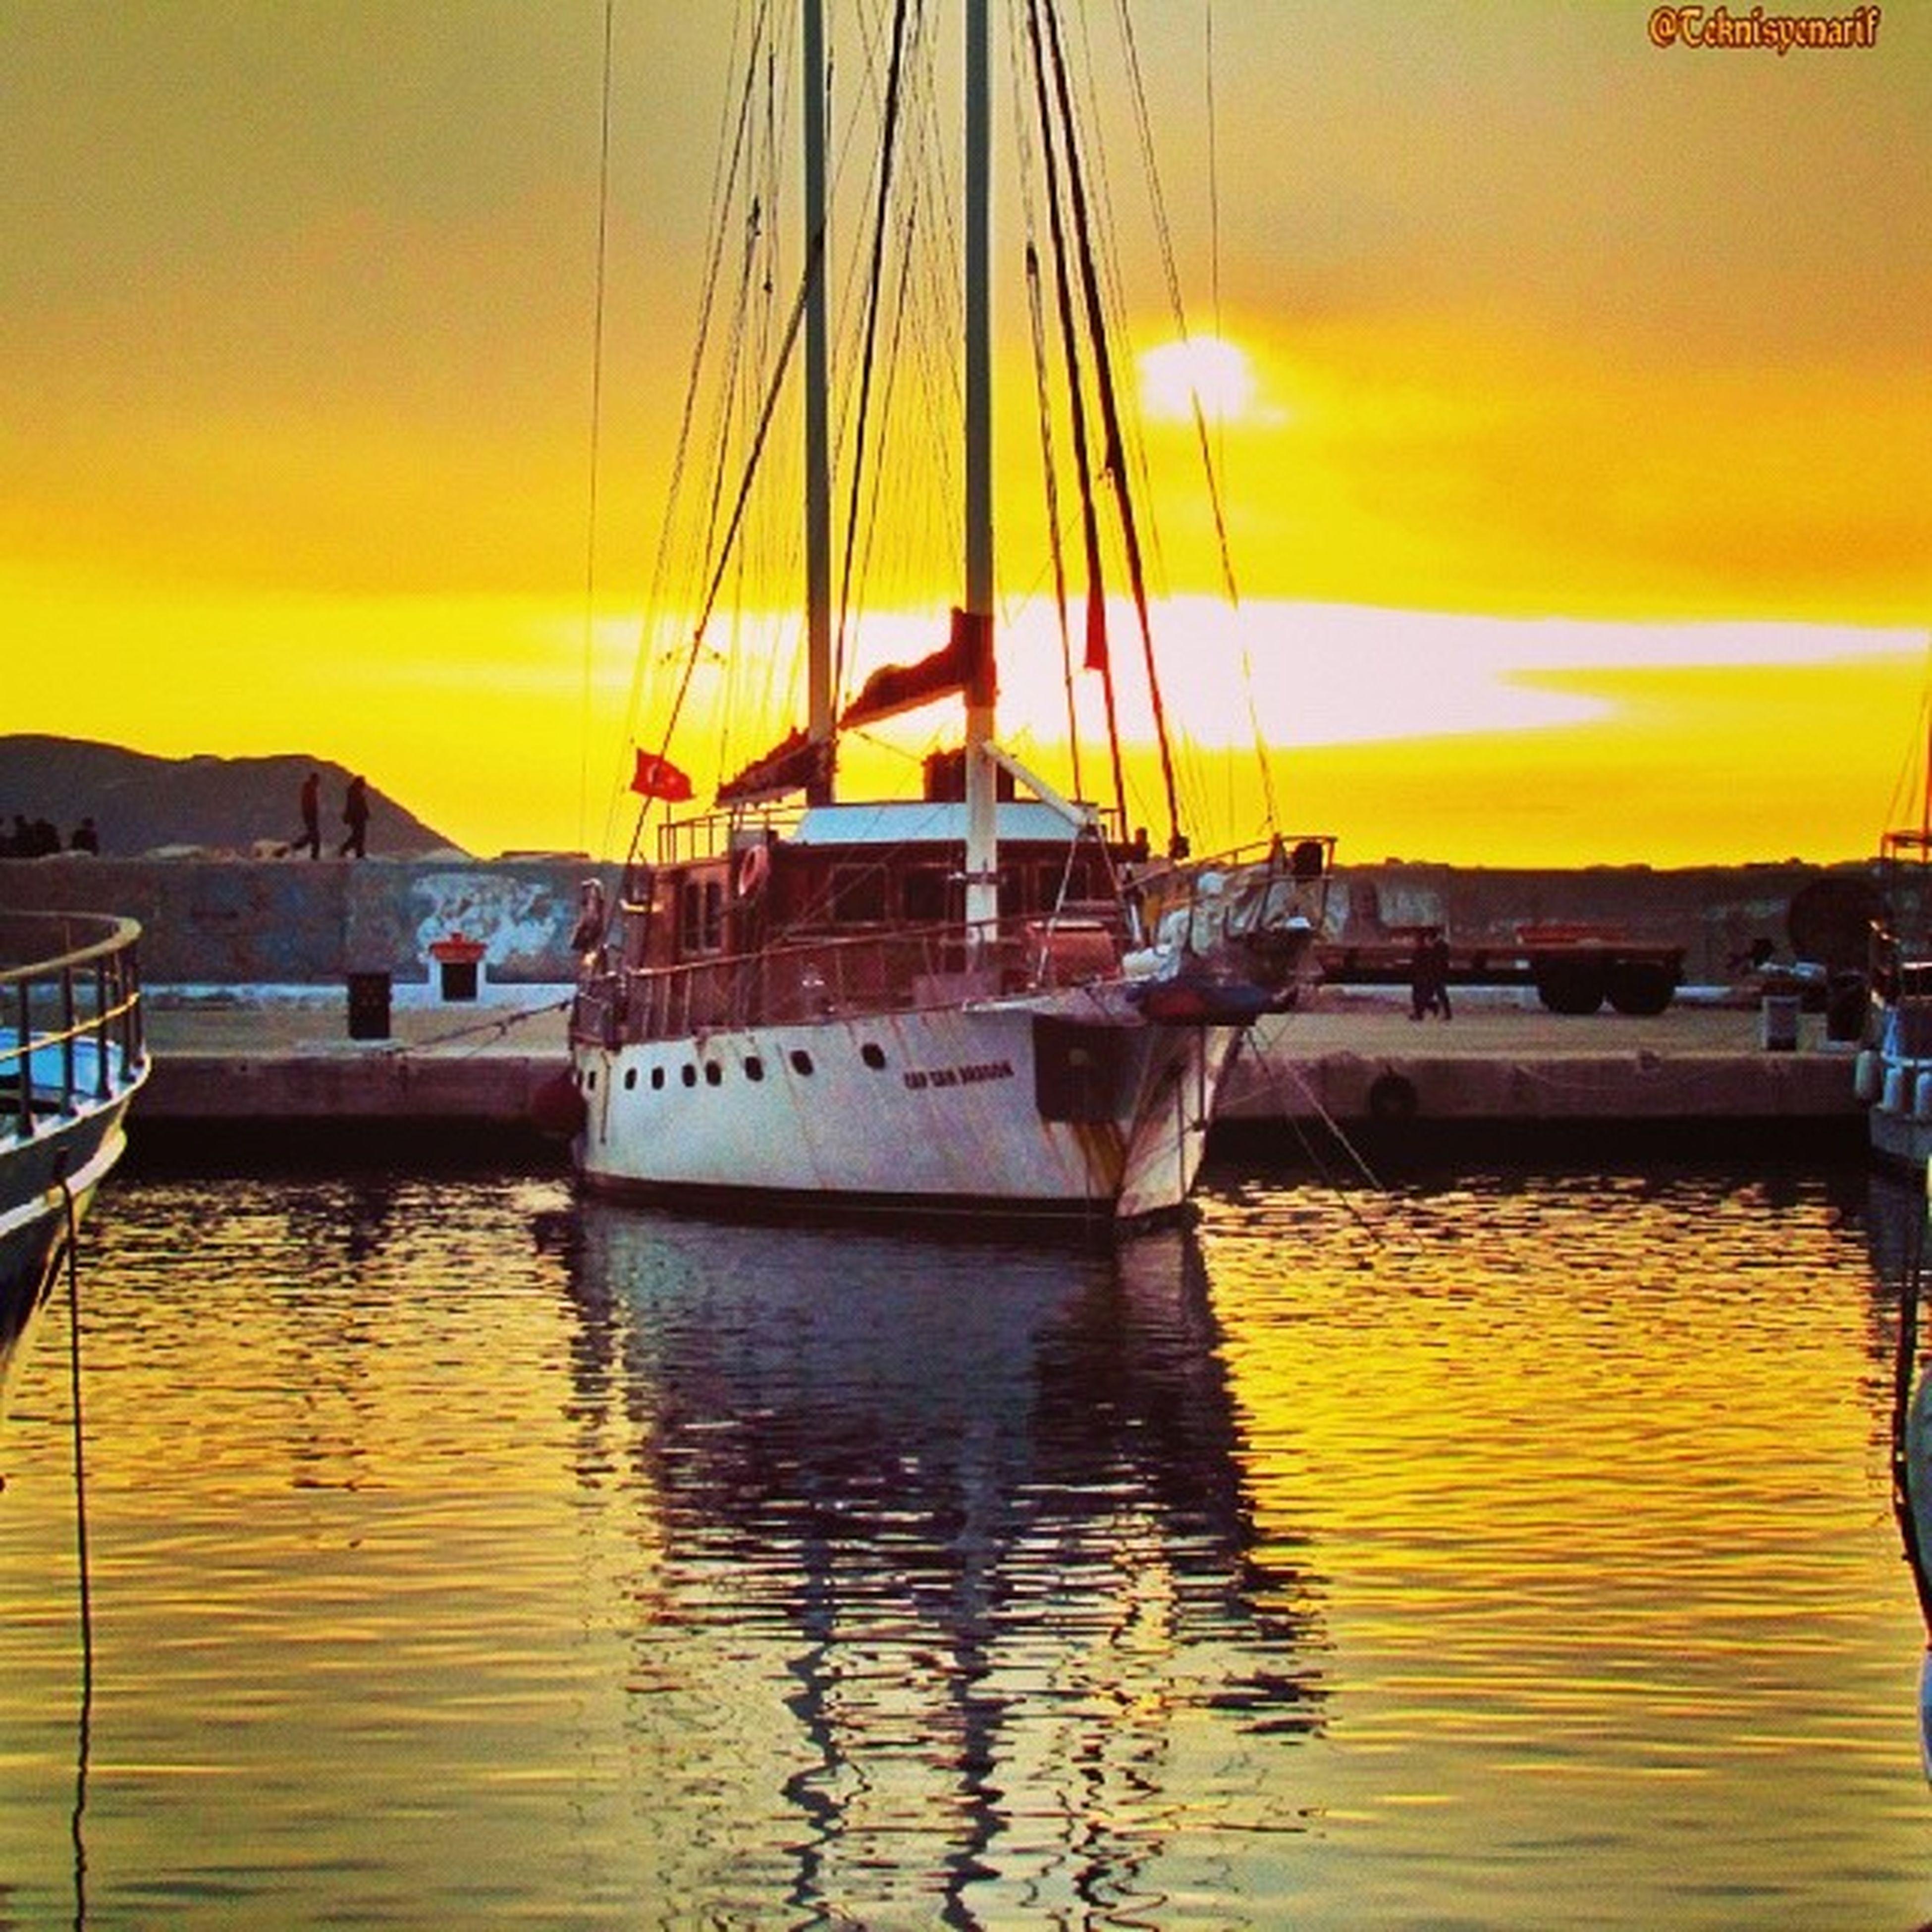 Kaş liman.. herkese iyi akşamlar diliyorum